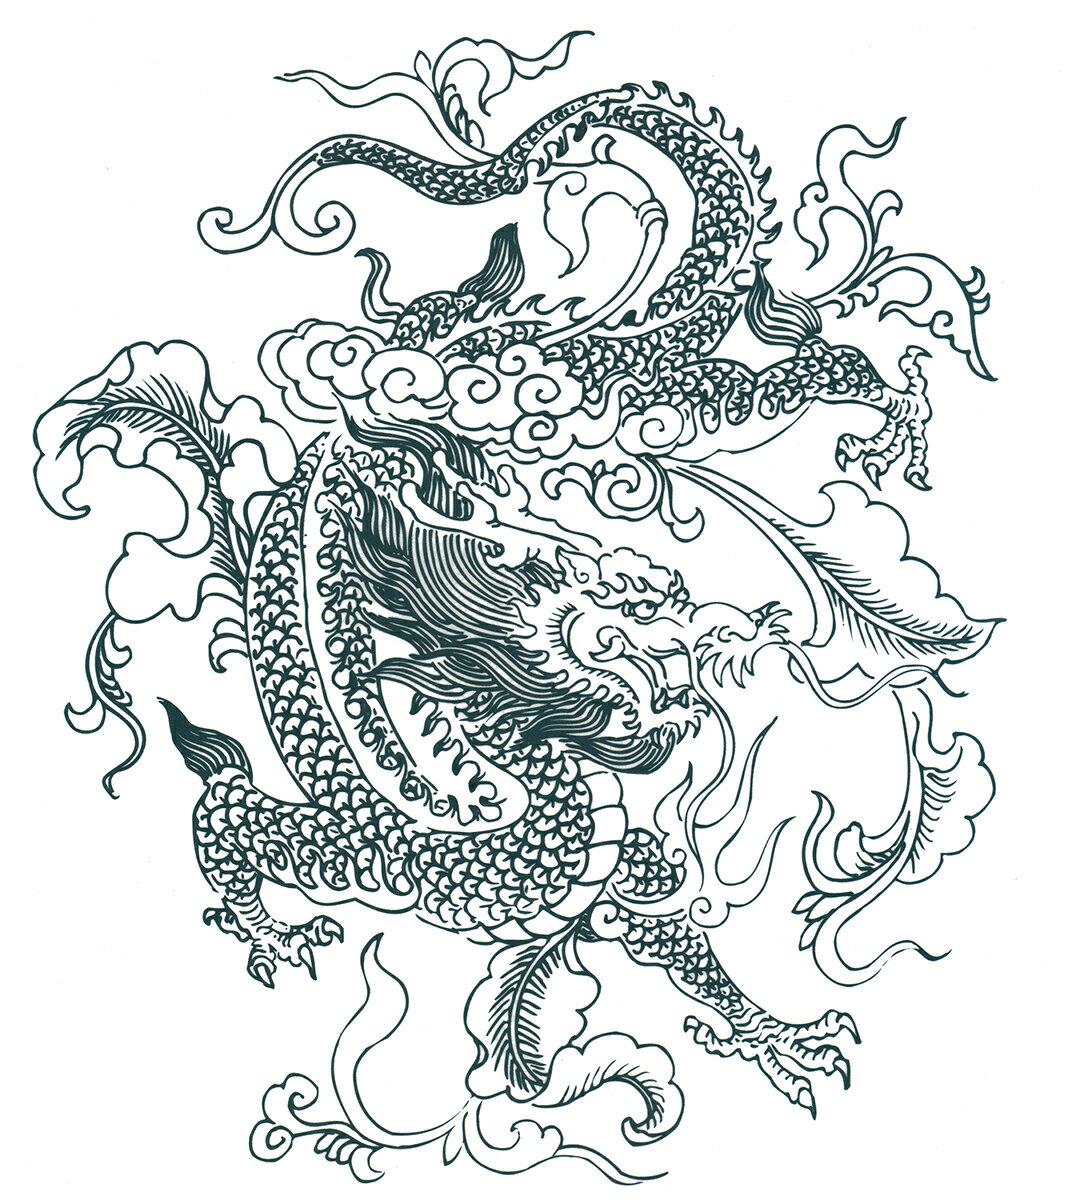 (ファンタジー) TheFantasy タトゥーシール タトゥーシール 龍 ドラゴン wqa04 【大型・A4】